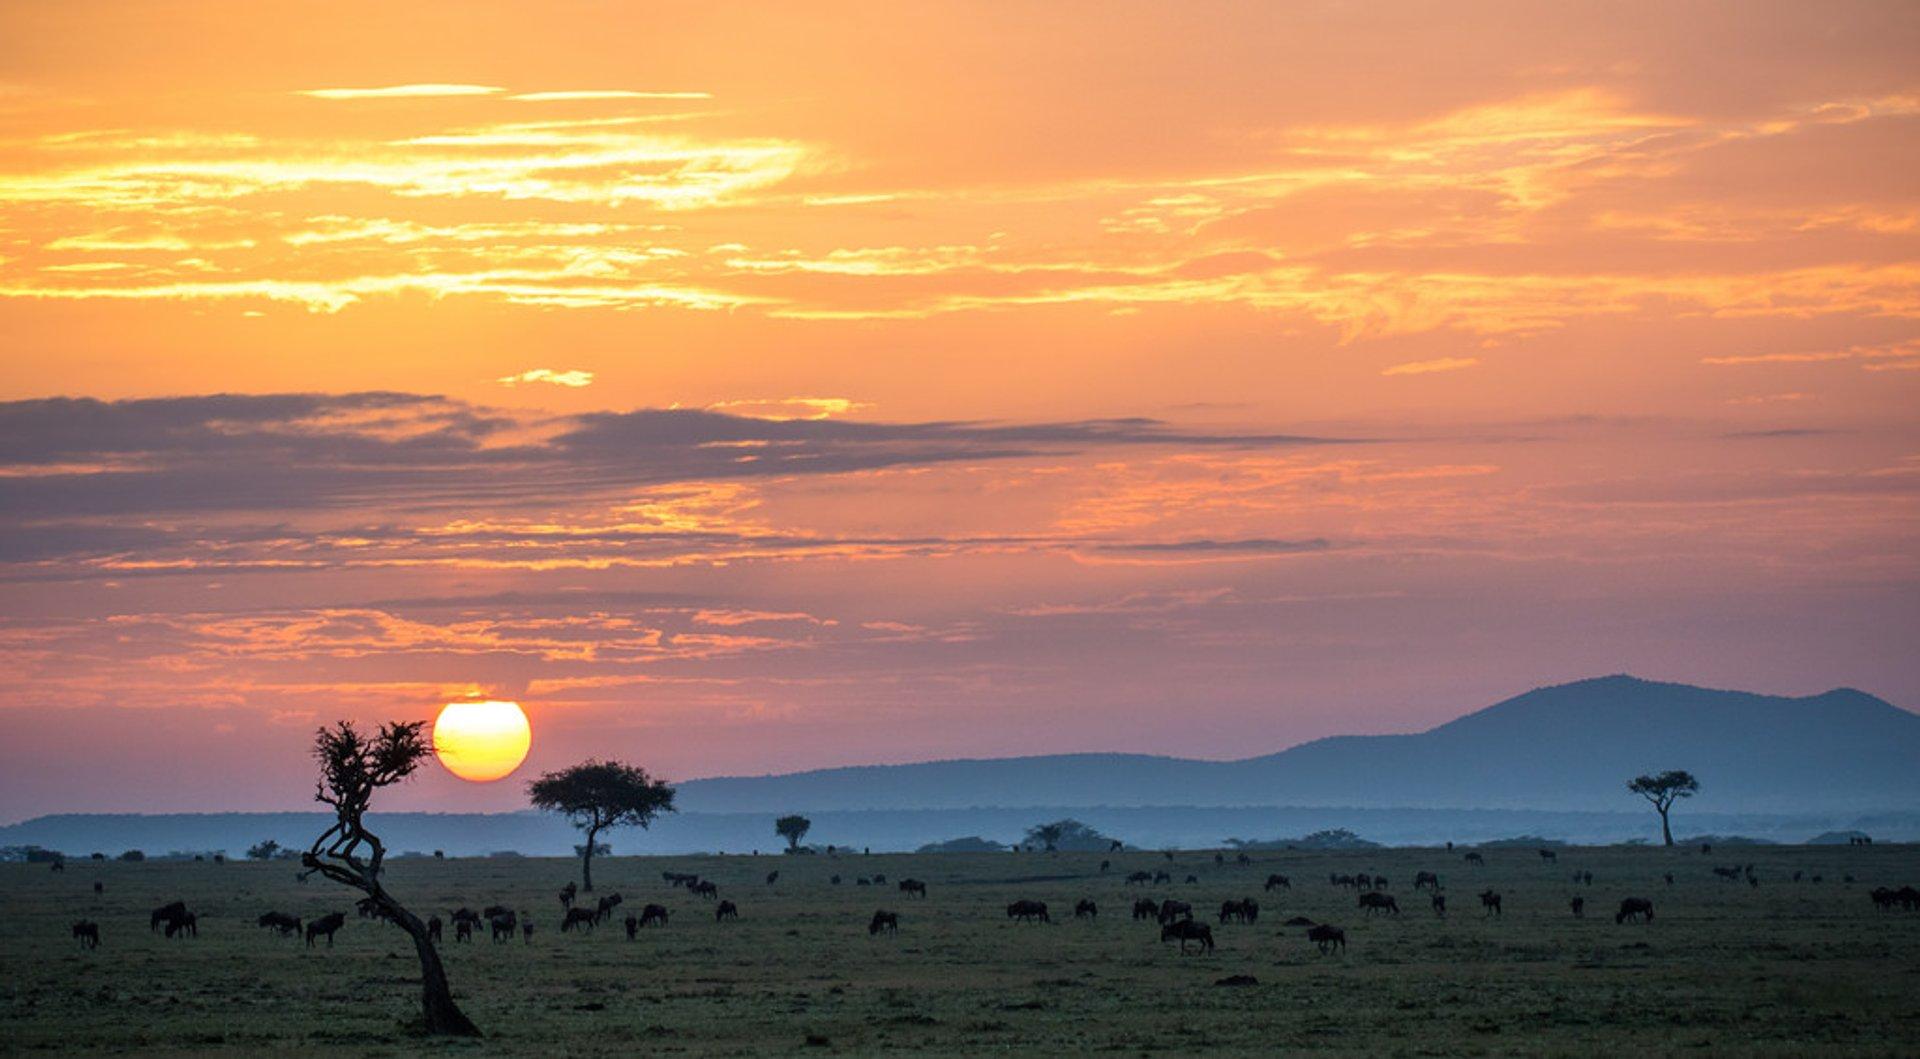 Dry Season in Kenya 2020 - Best Time